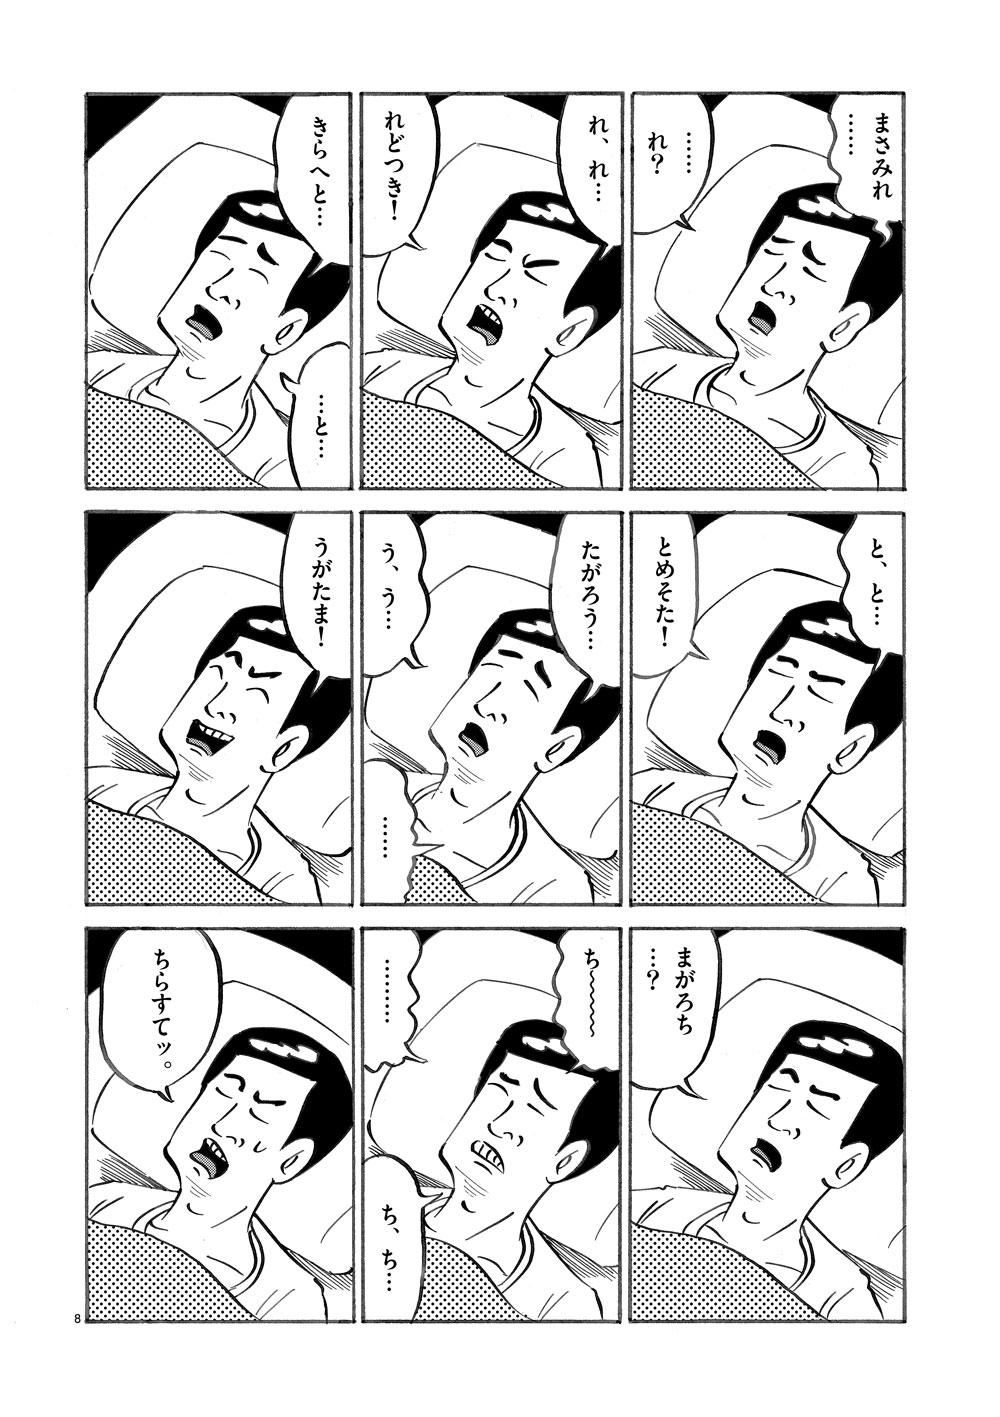 琉球怪談 【第10話】WEB掲載8ページ目画像